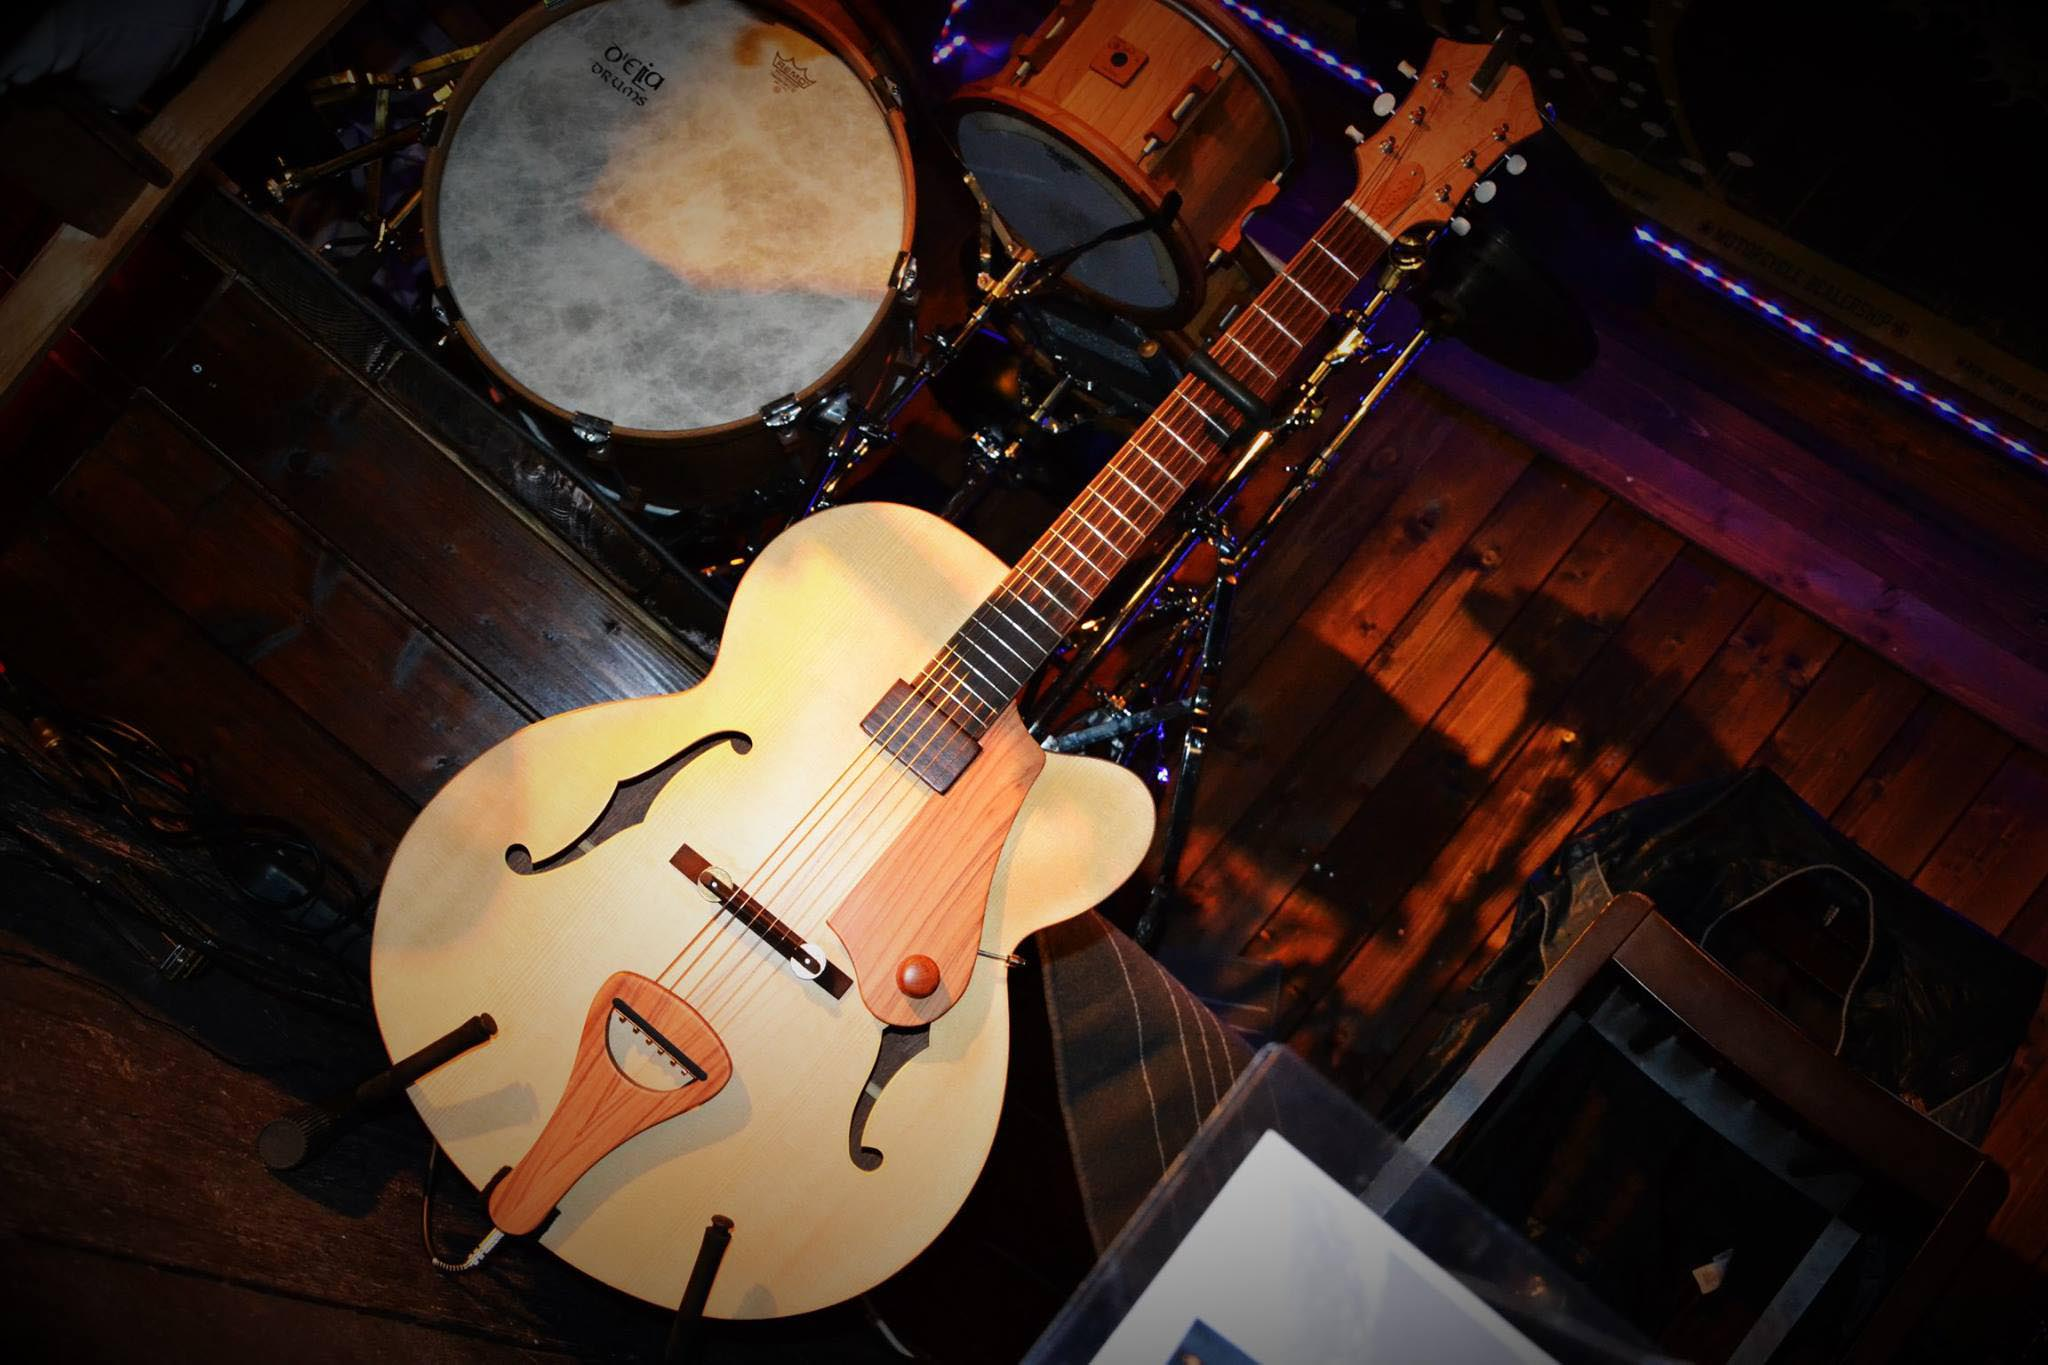 D'Elia Guitars & Drums